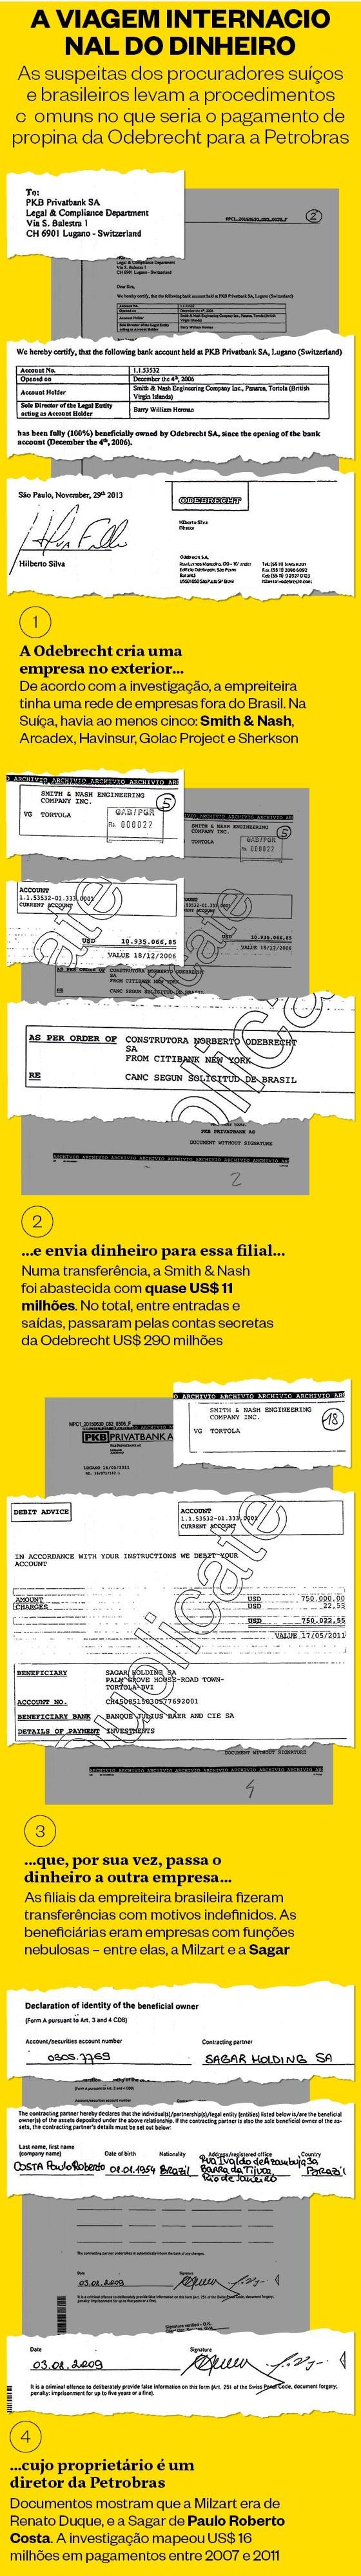 A viagem internacional do dinheiro  (Foto: Reprodução)